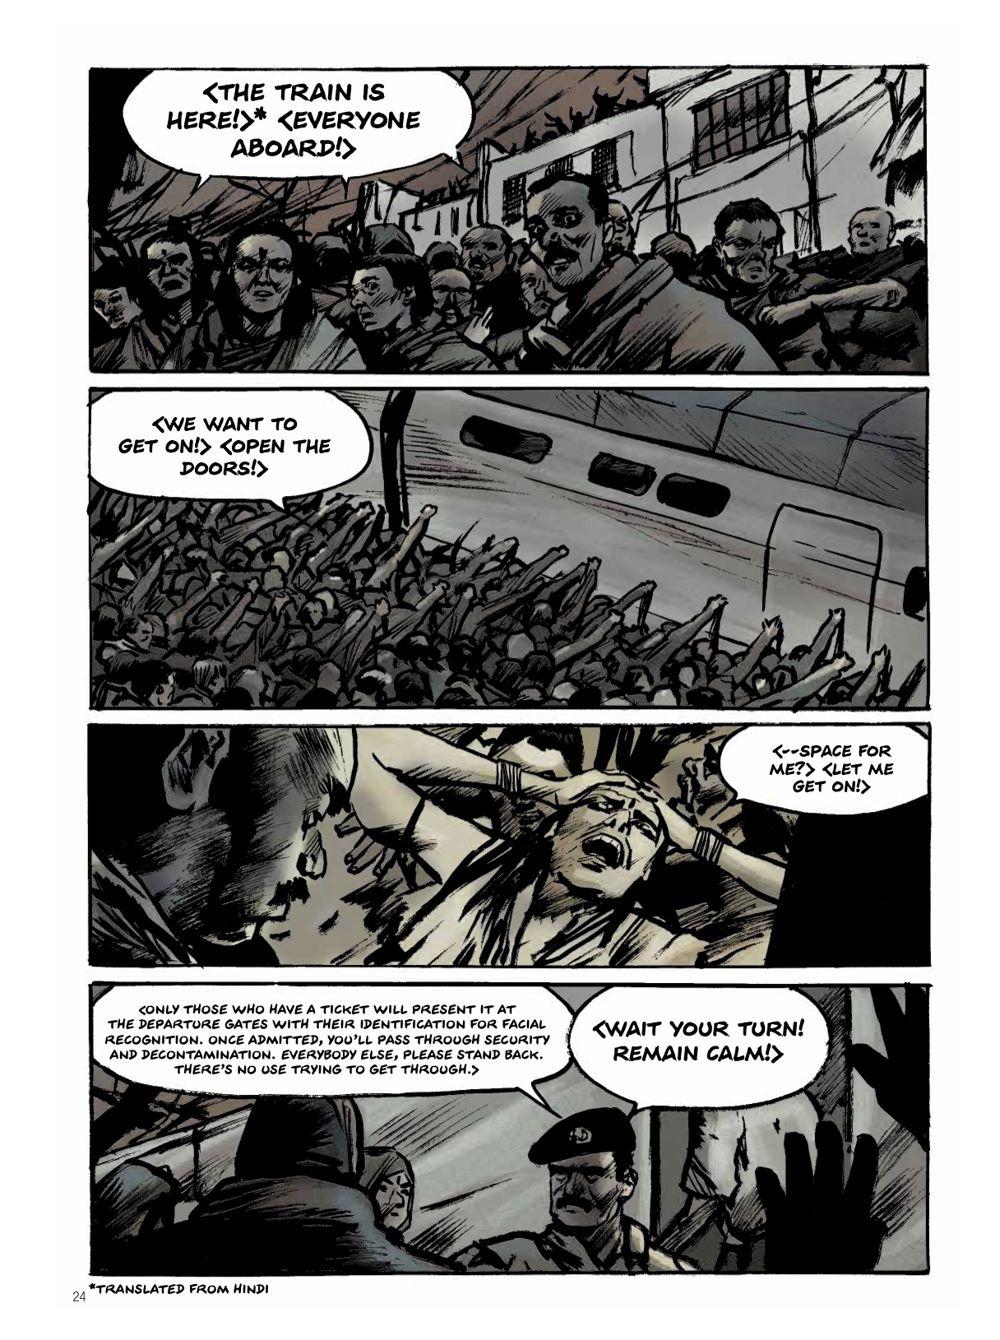 Snowpiercer-Prequel-Vol.-2-Page-3 ComicList Previews: SNOWPIERCER THE PREQUEL VOLUME 2 APOCALYPSE GN